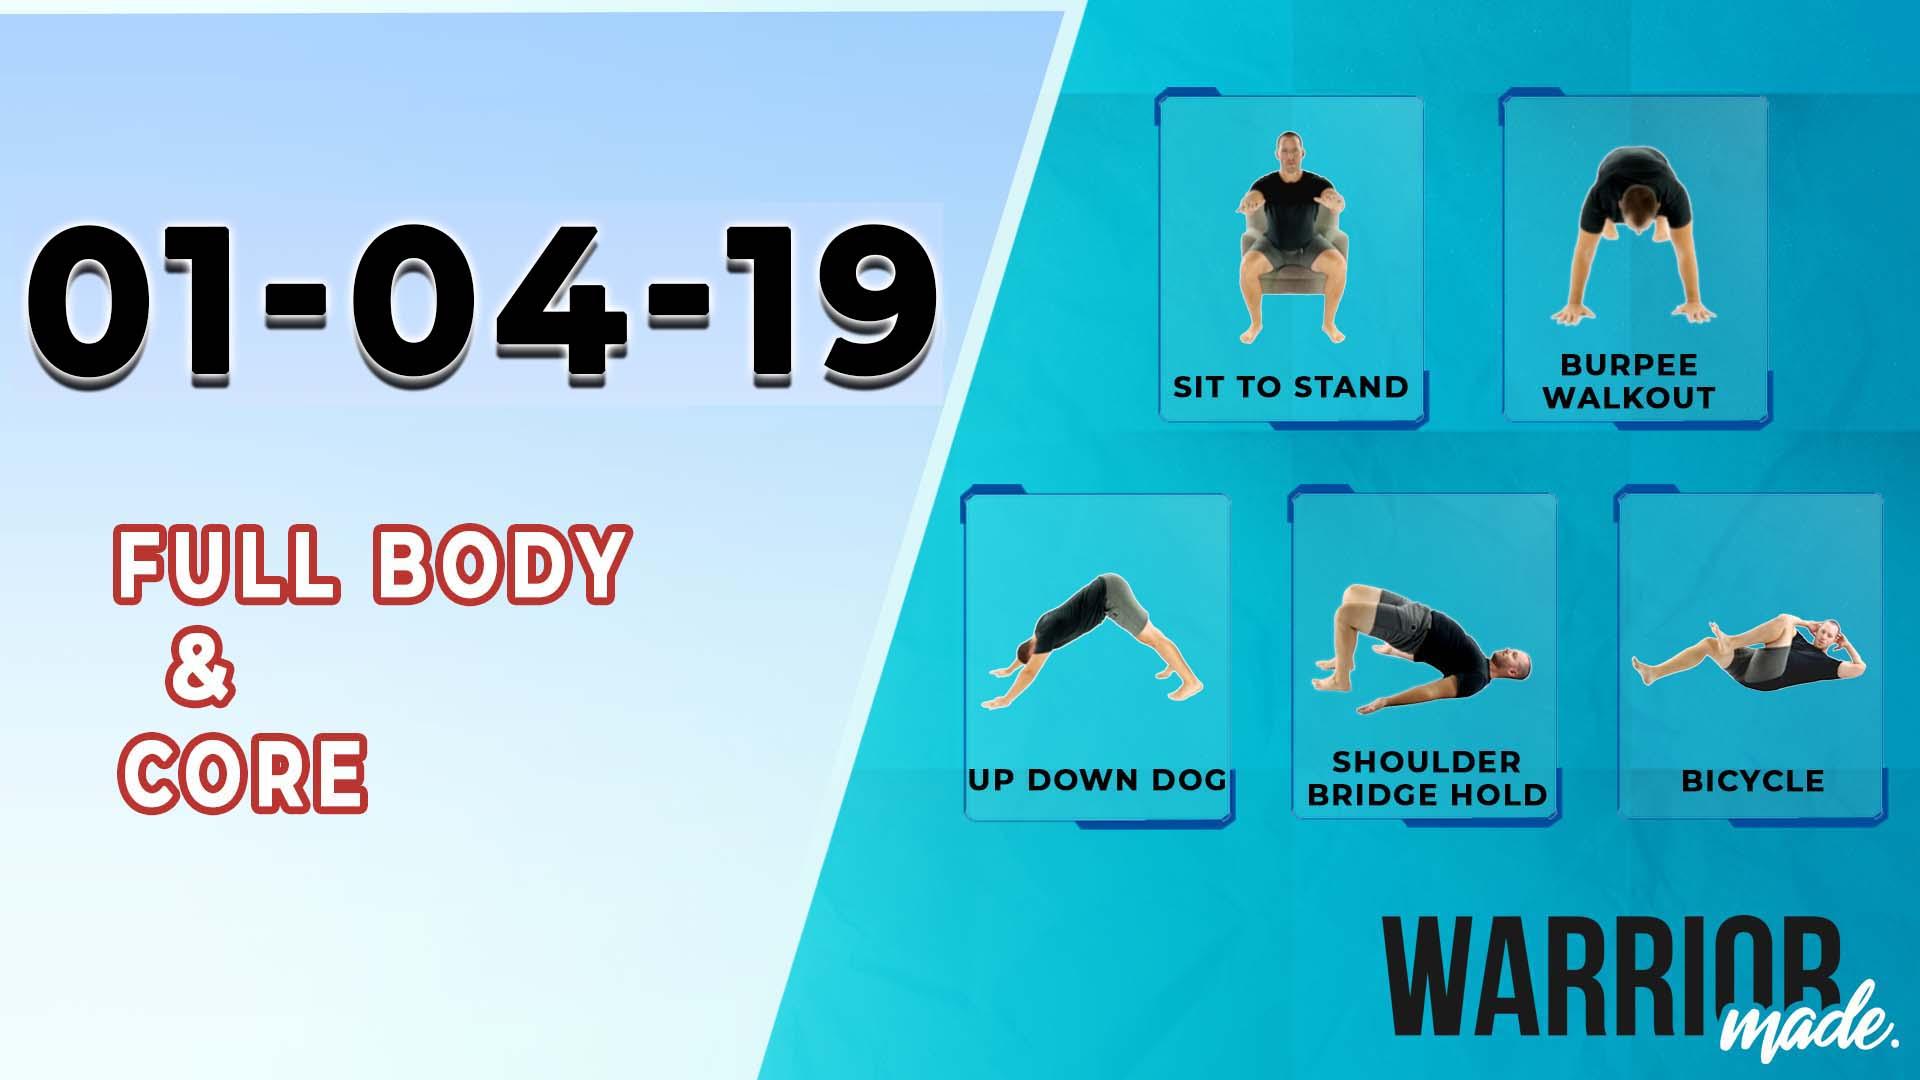 workouts-01-04-19